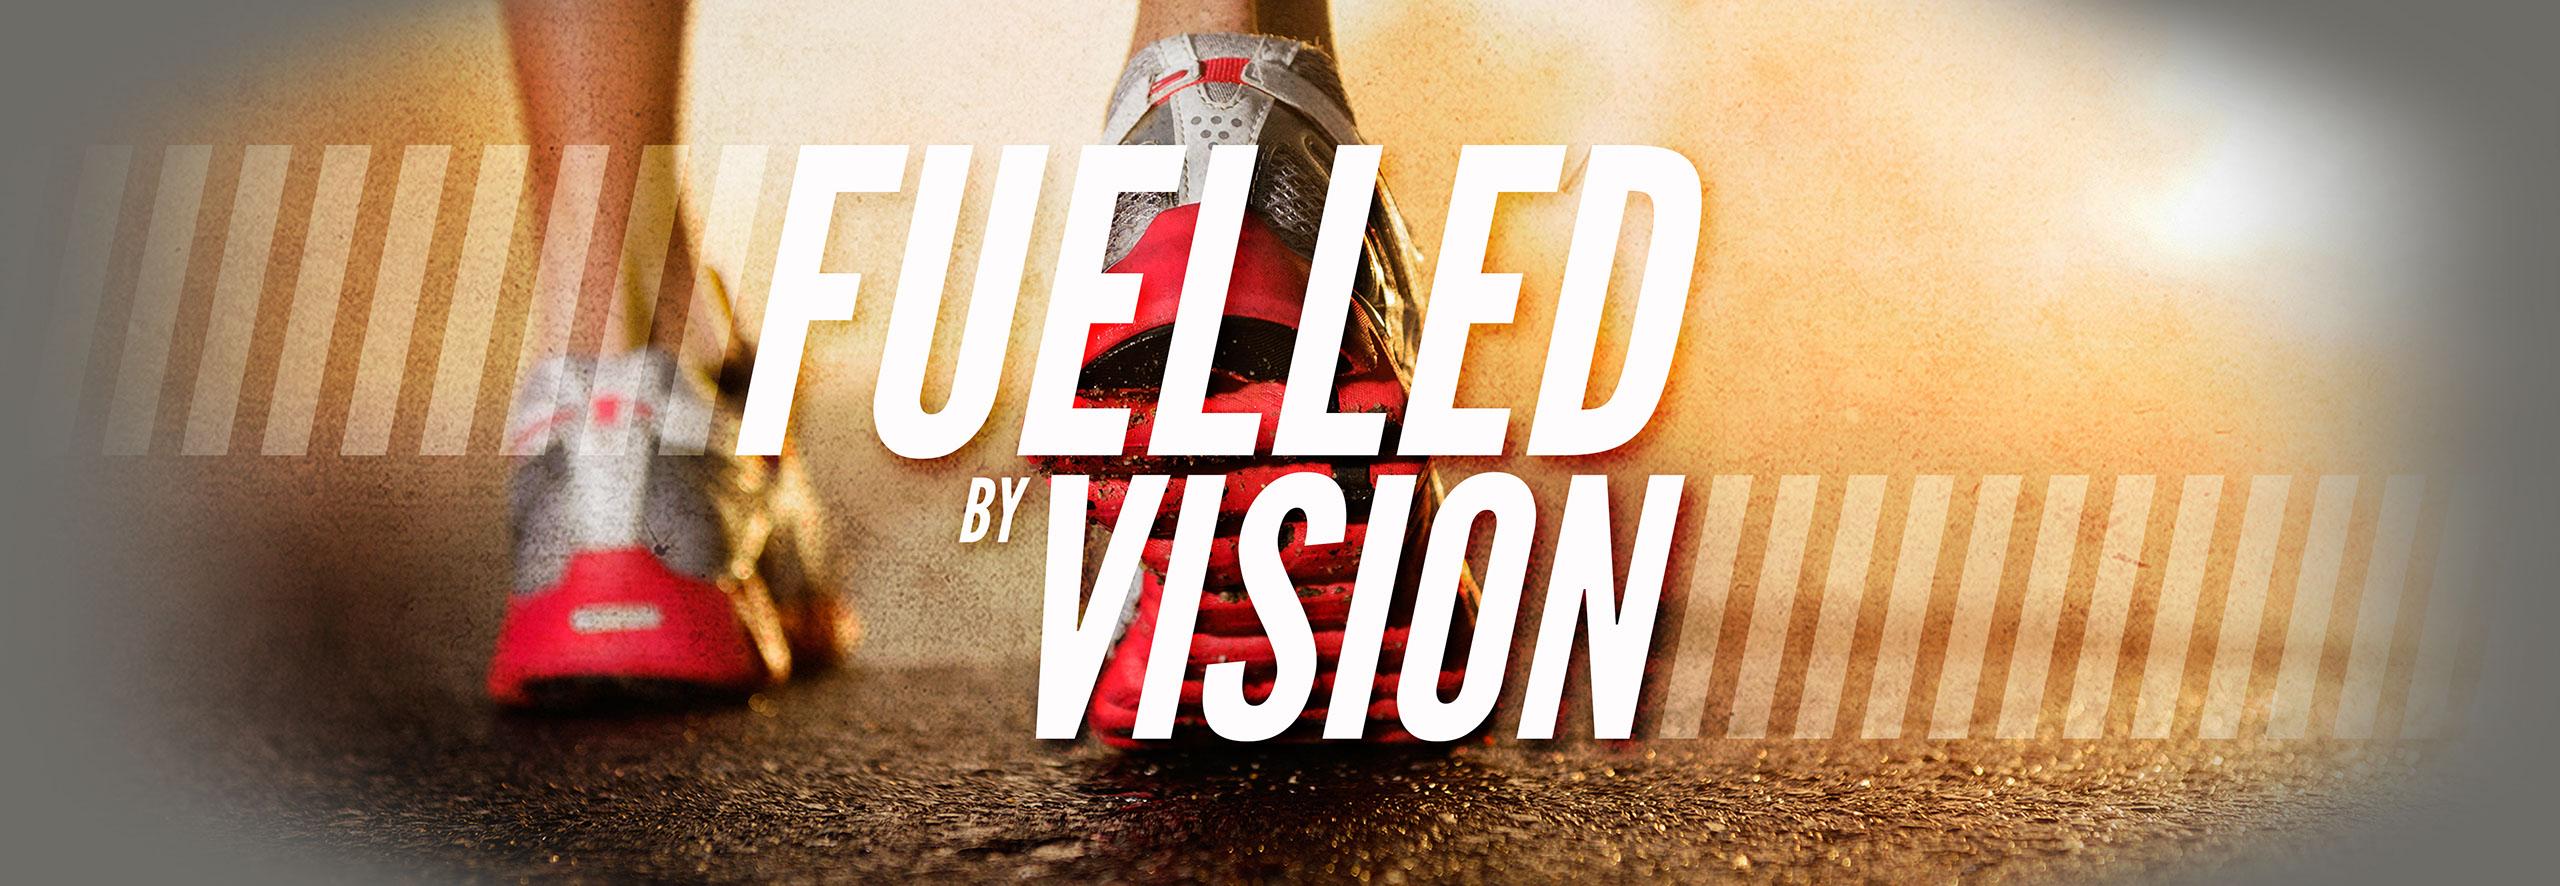 fuelledbyvision_flash-banner